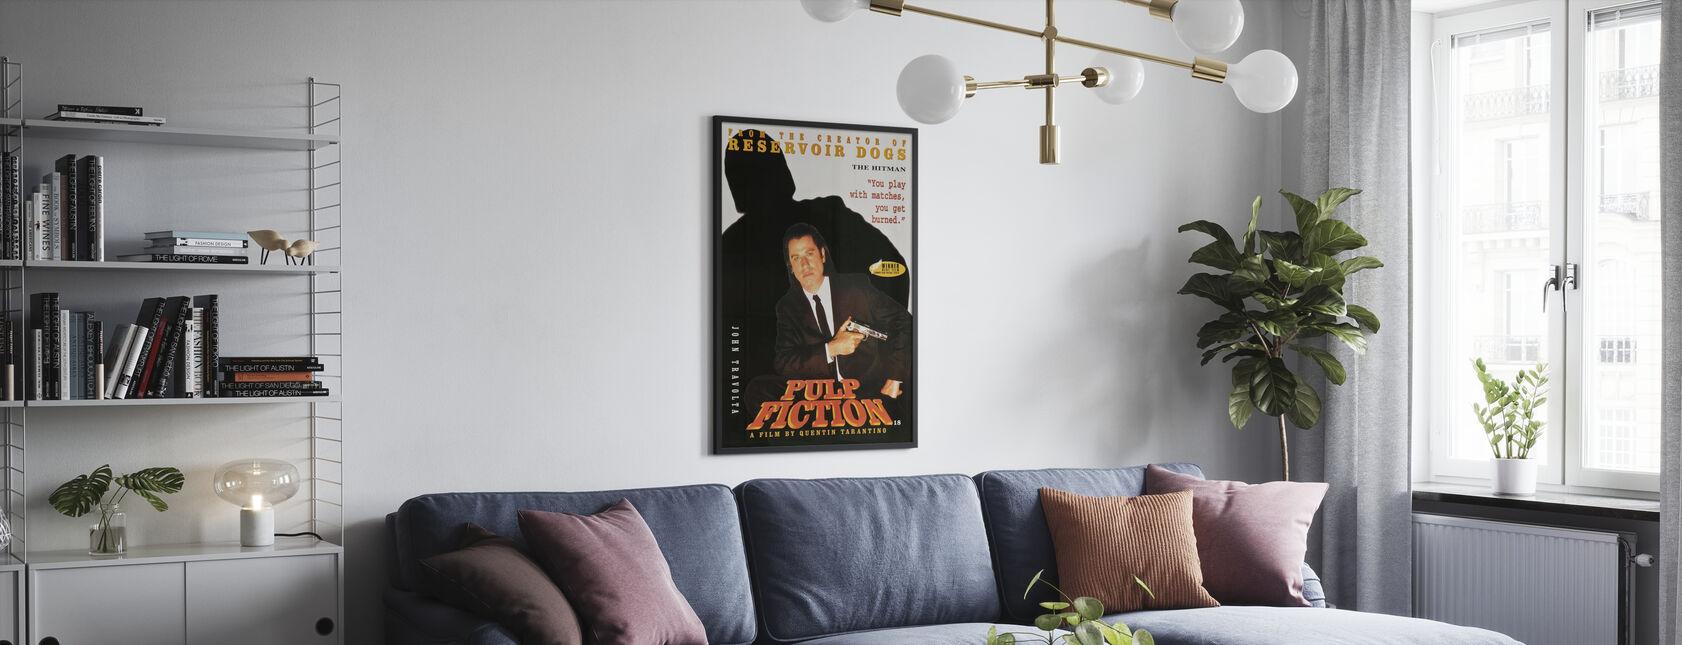 John Travolta in Pulp Fiction - Poster - Living Room